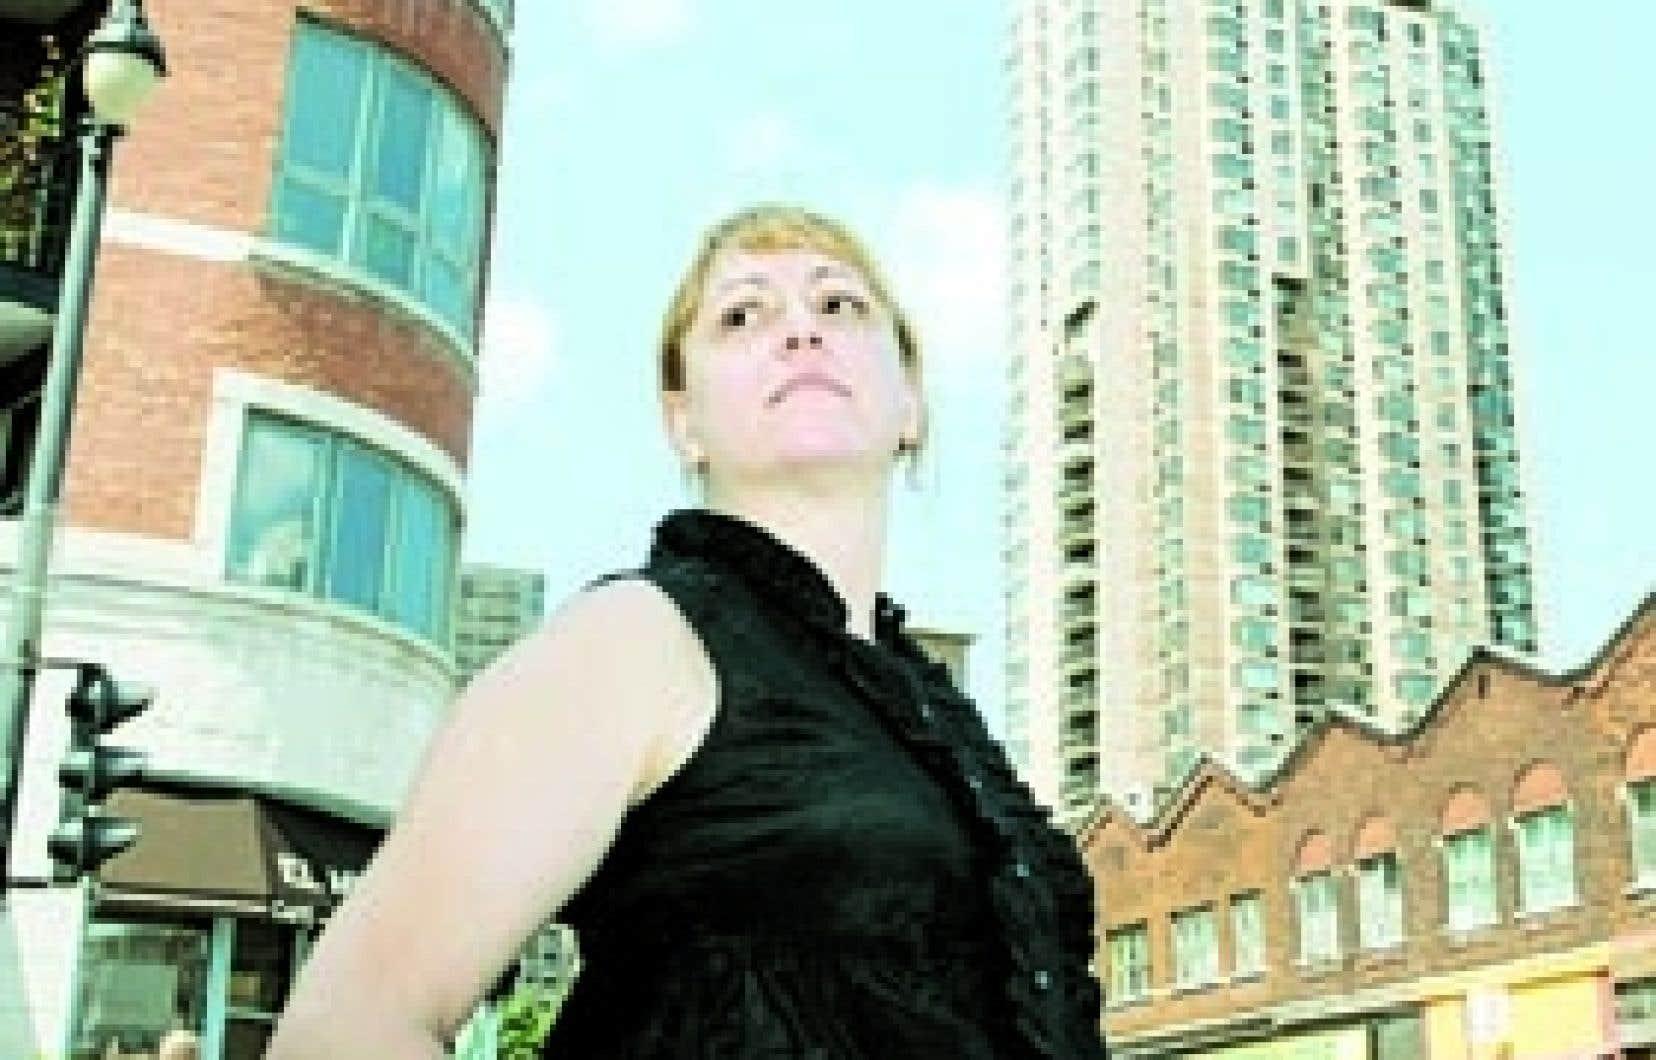 L'urbaniste Lucie K. Morisset